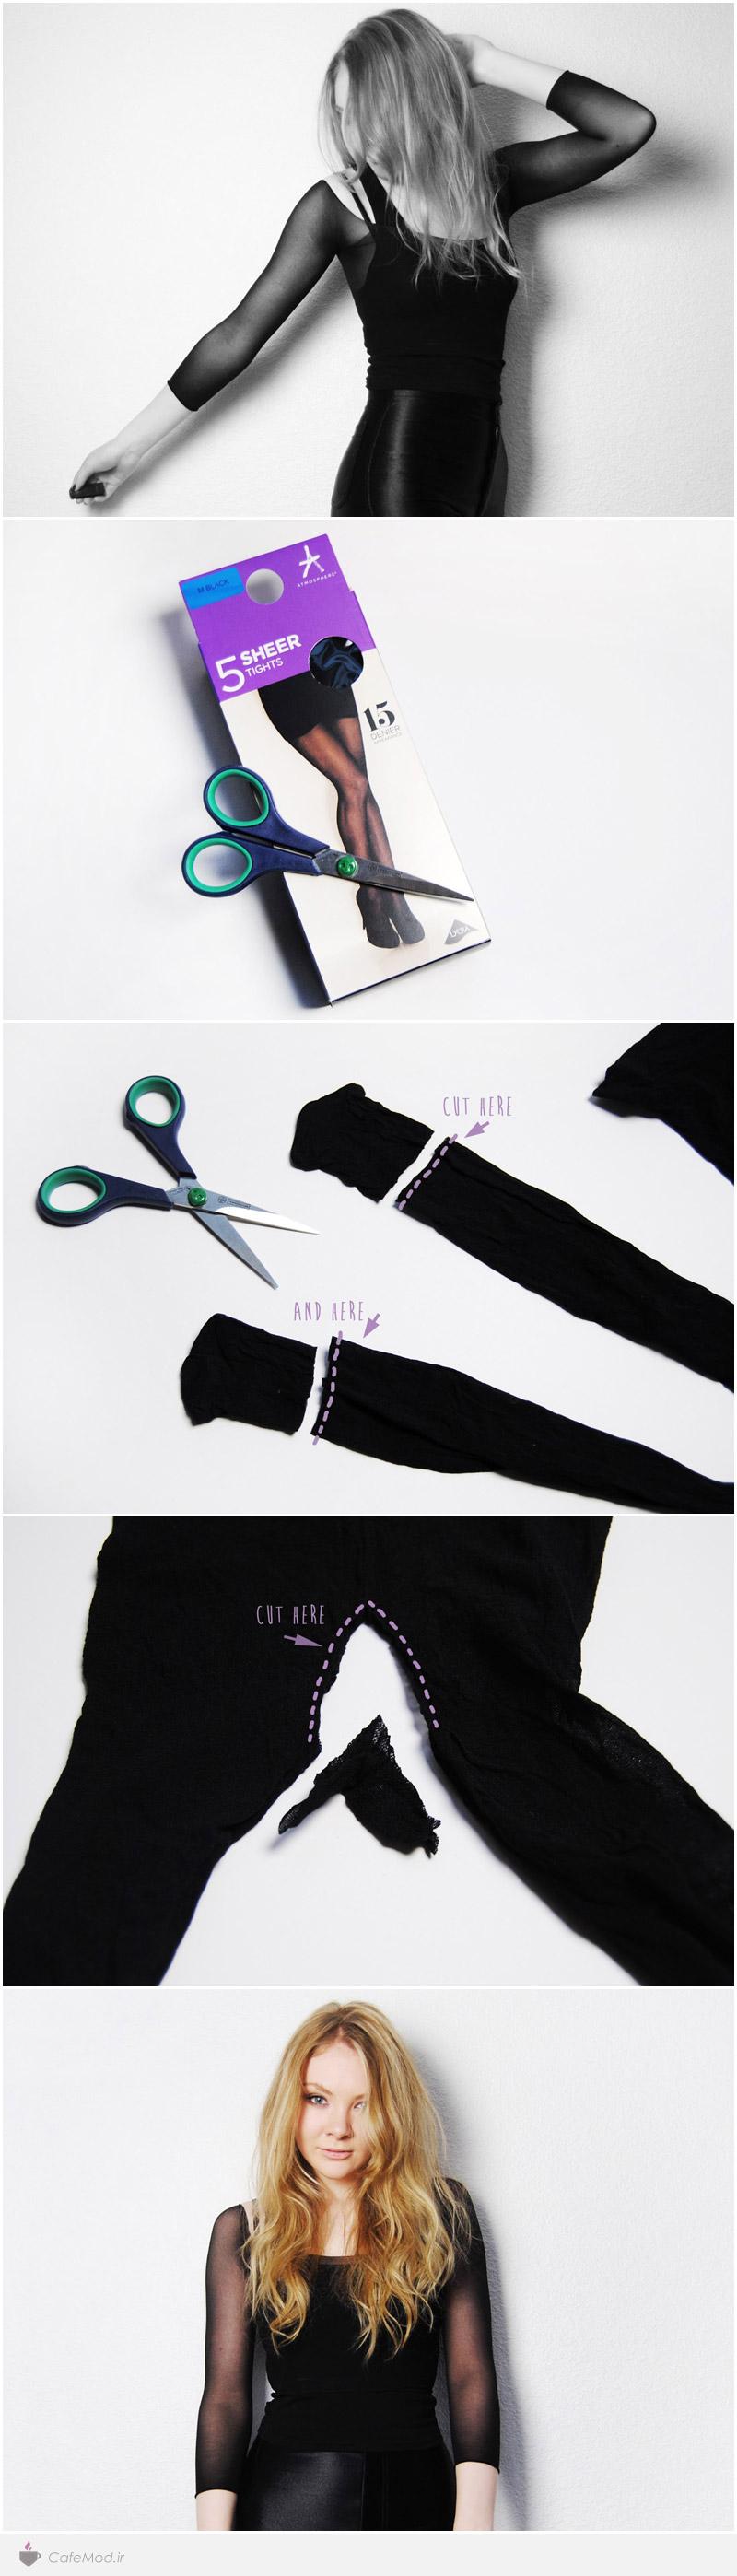 آموزش لباس جورابی